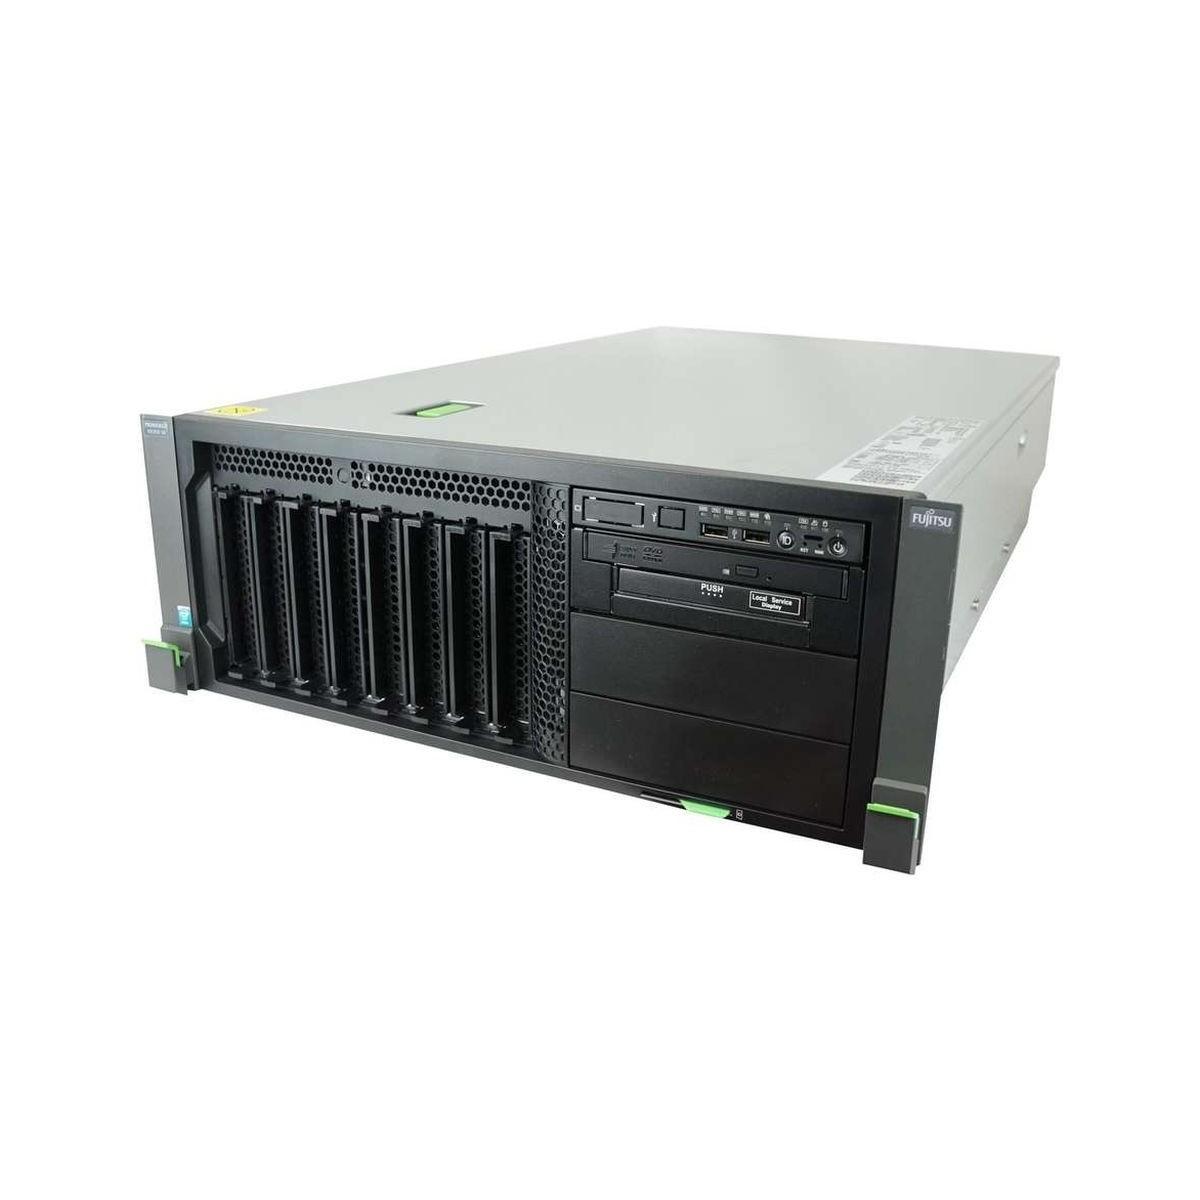 FUJITSU RX350 S8 2xE5 v2 SIX 16GB 2x300GB SZYNY